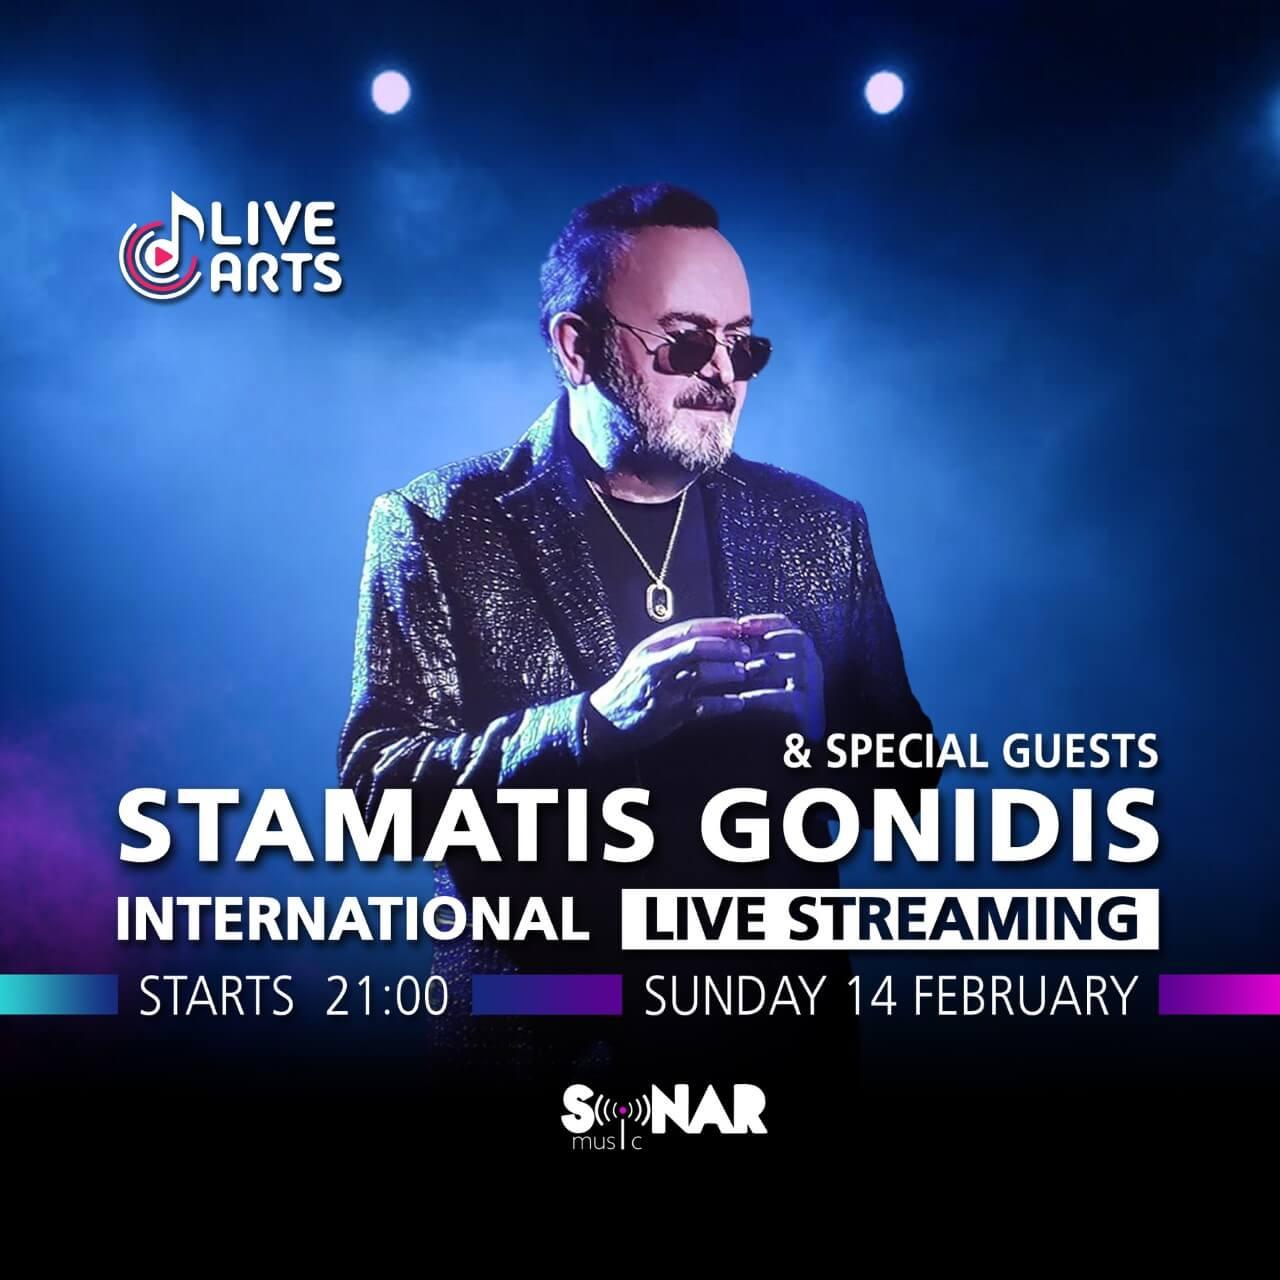 Σταμάτης Γονίδης: Οι καλλιτέχνες που θα εμφανιστούν μαζί του στη σκηνή στις 14 Φεβρουαρίου και το όνομα-έκπληξη!